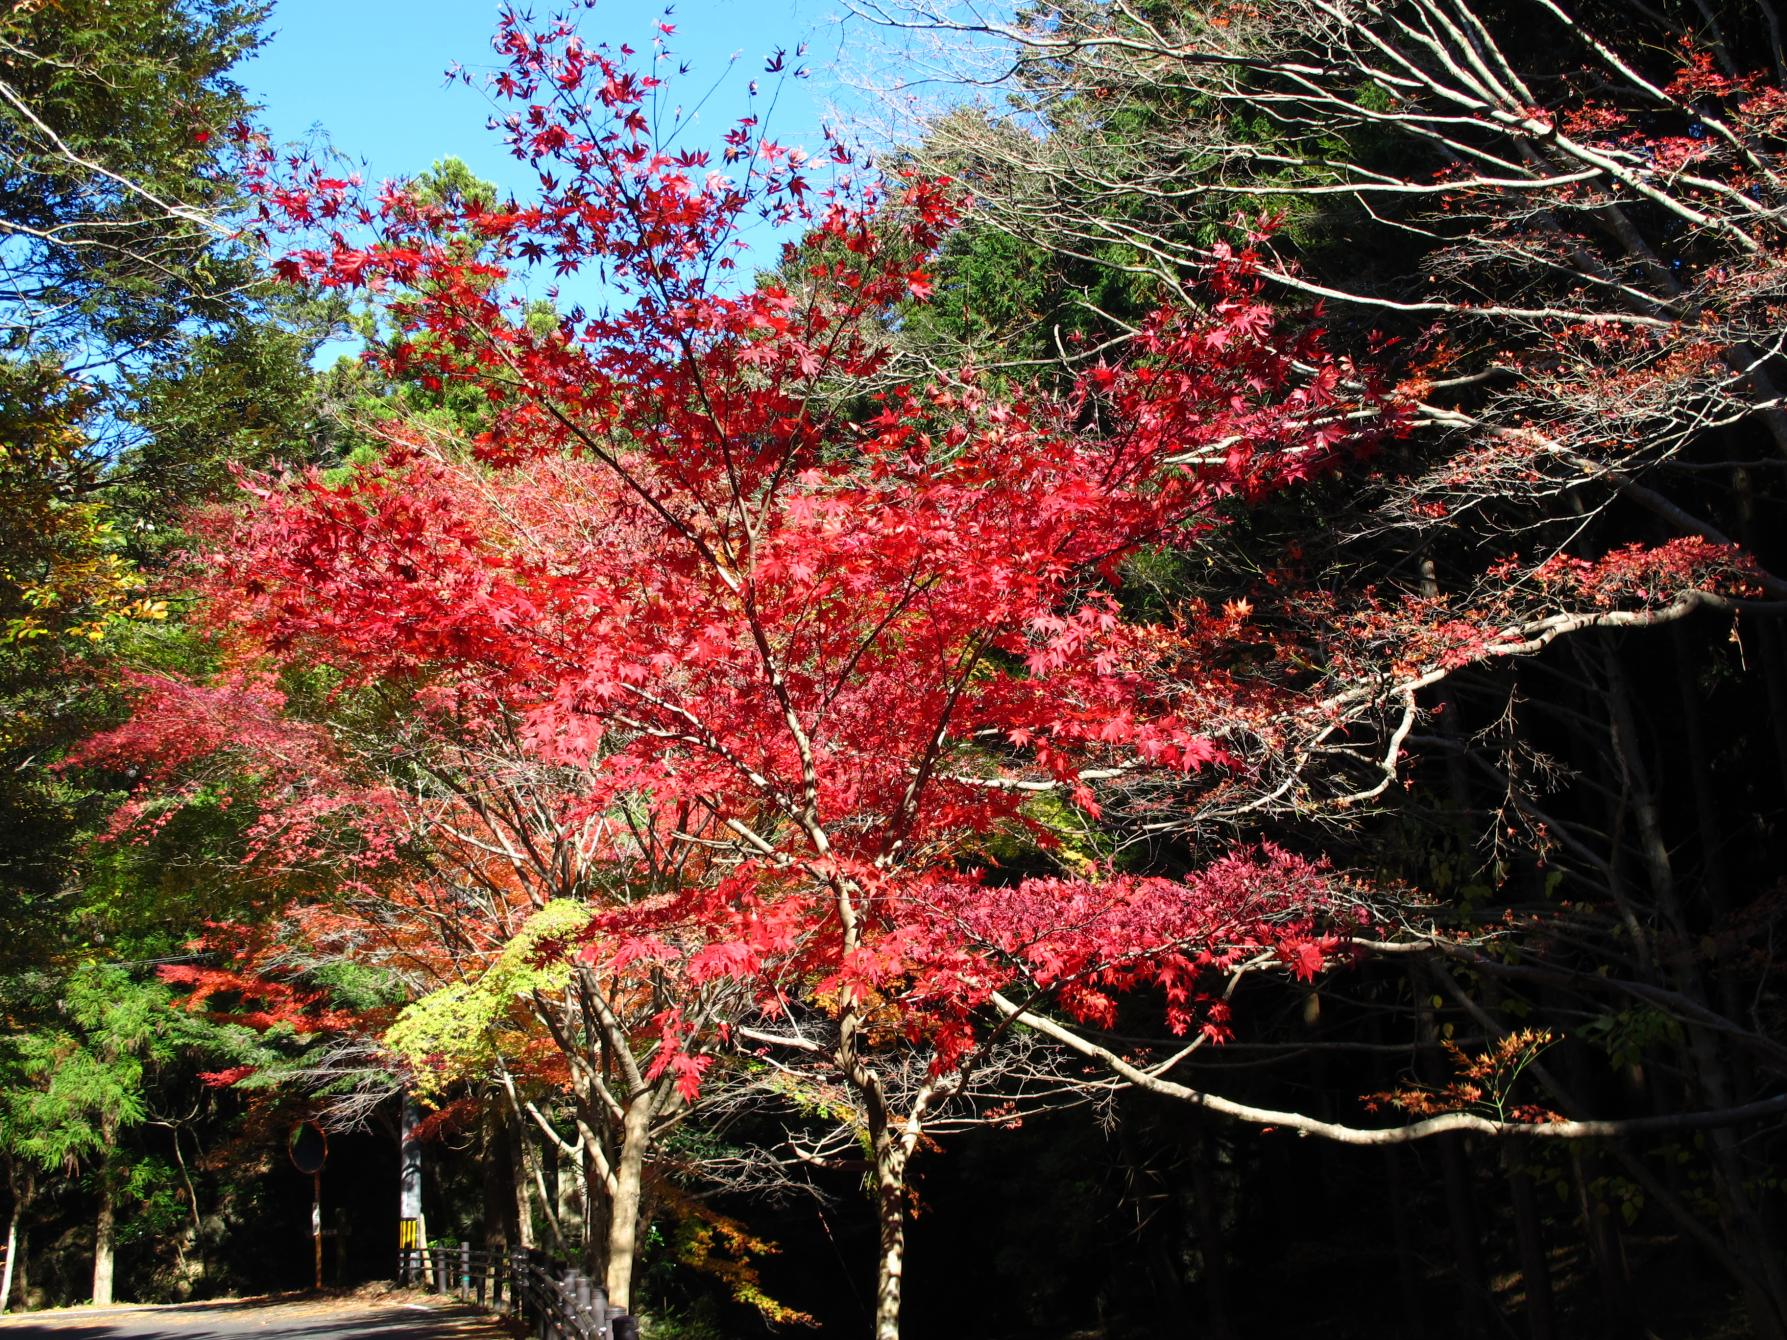 川沿いに連なる紅葉が水面に映る「舟志のもみじ街道」(対馬市)-3